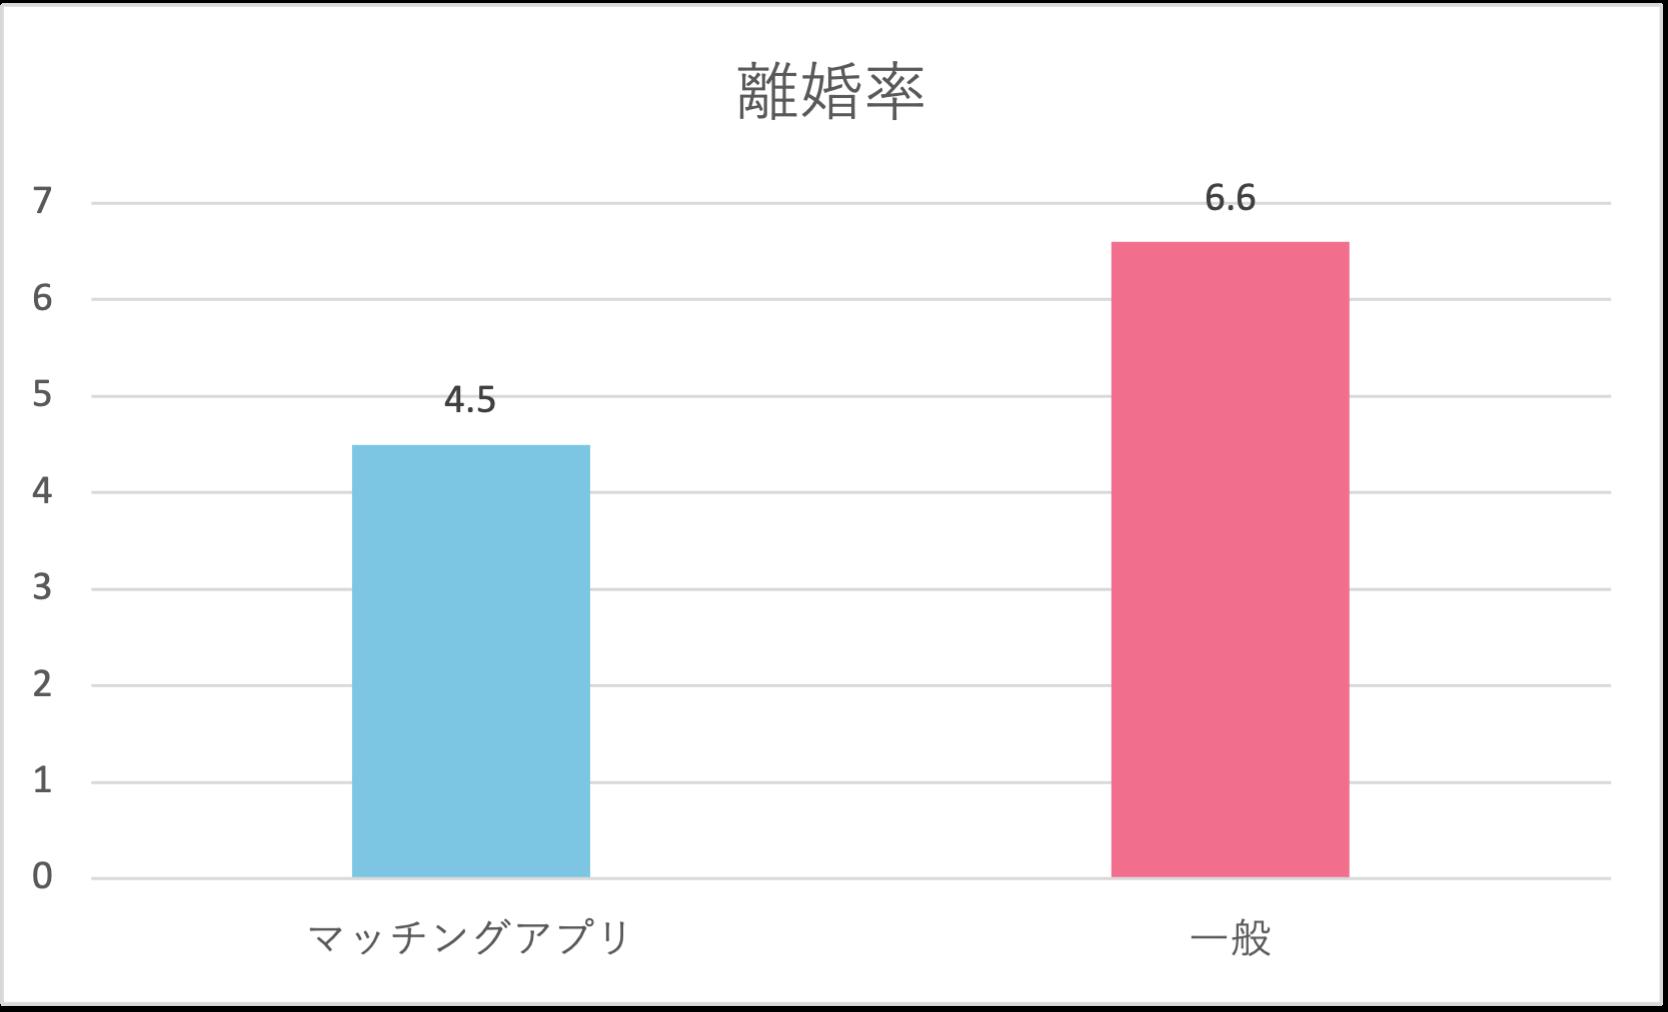 日本のマッチングアプリの離婚率